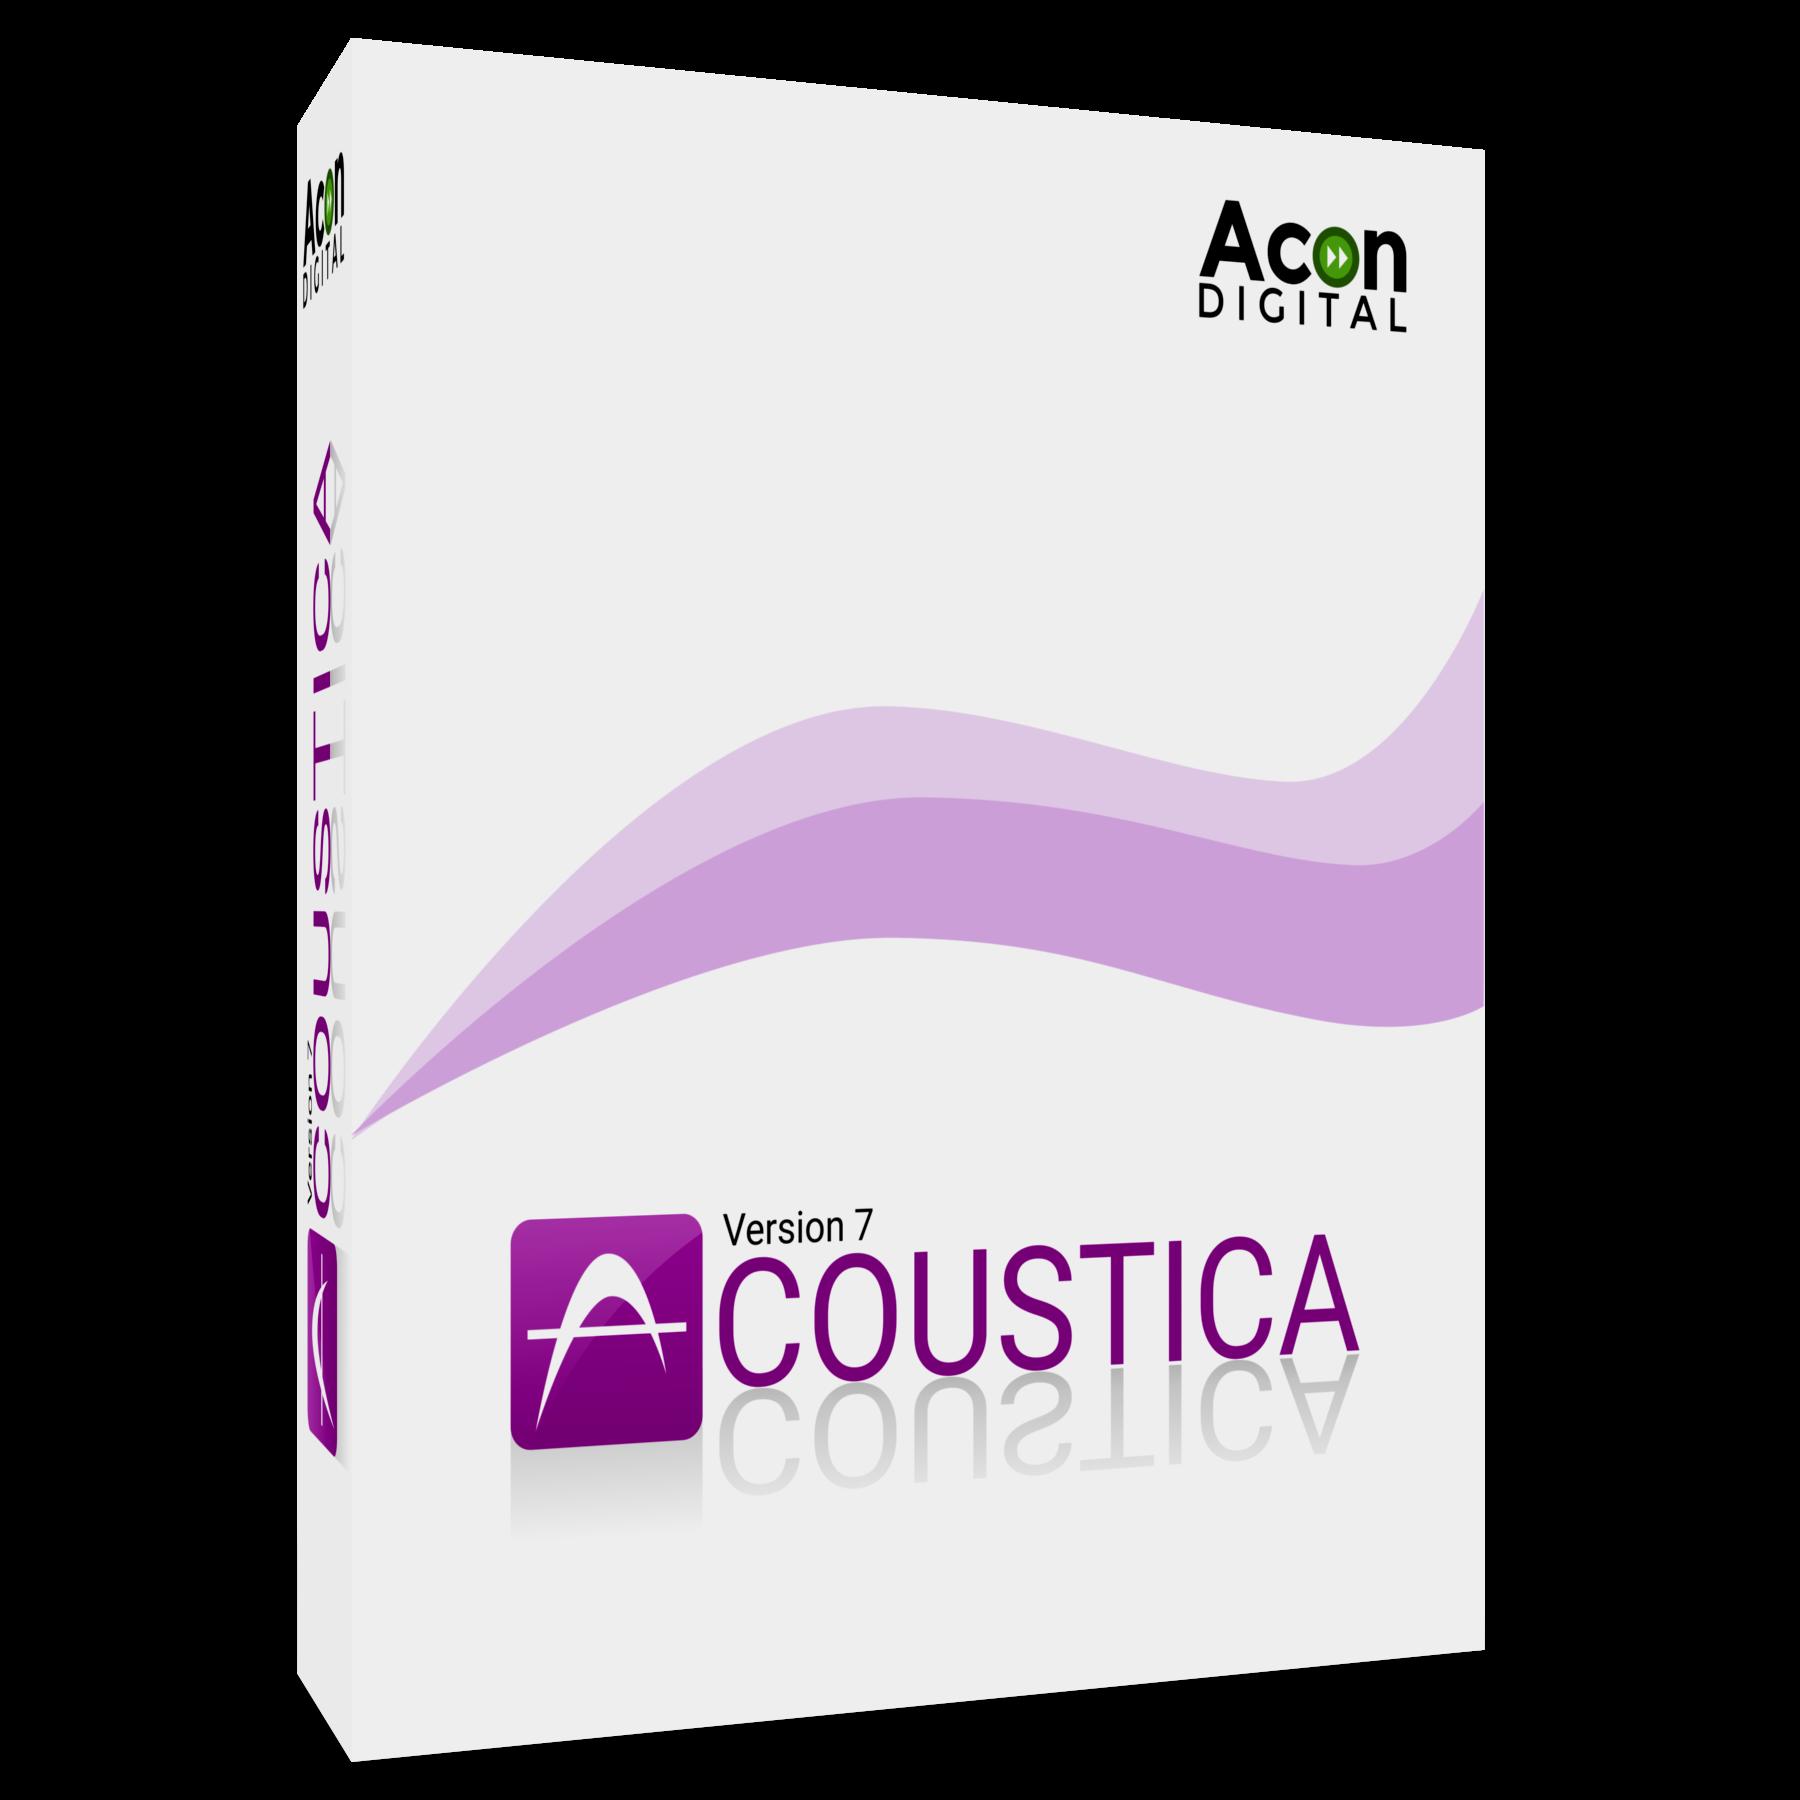 Acon Digital Acoustica 7 Standard Edition - Audio Editor